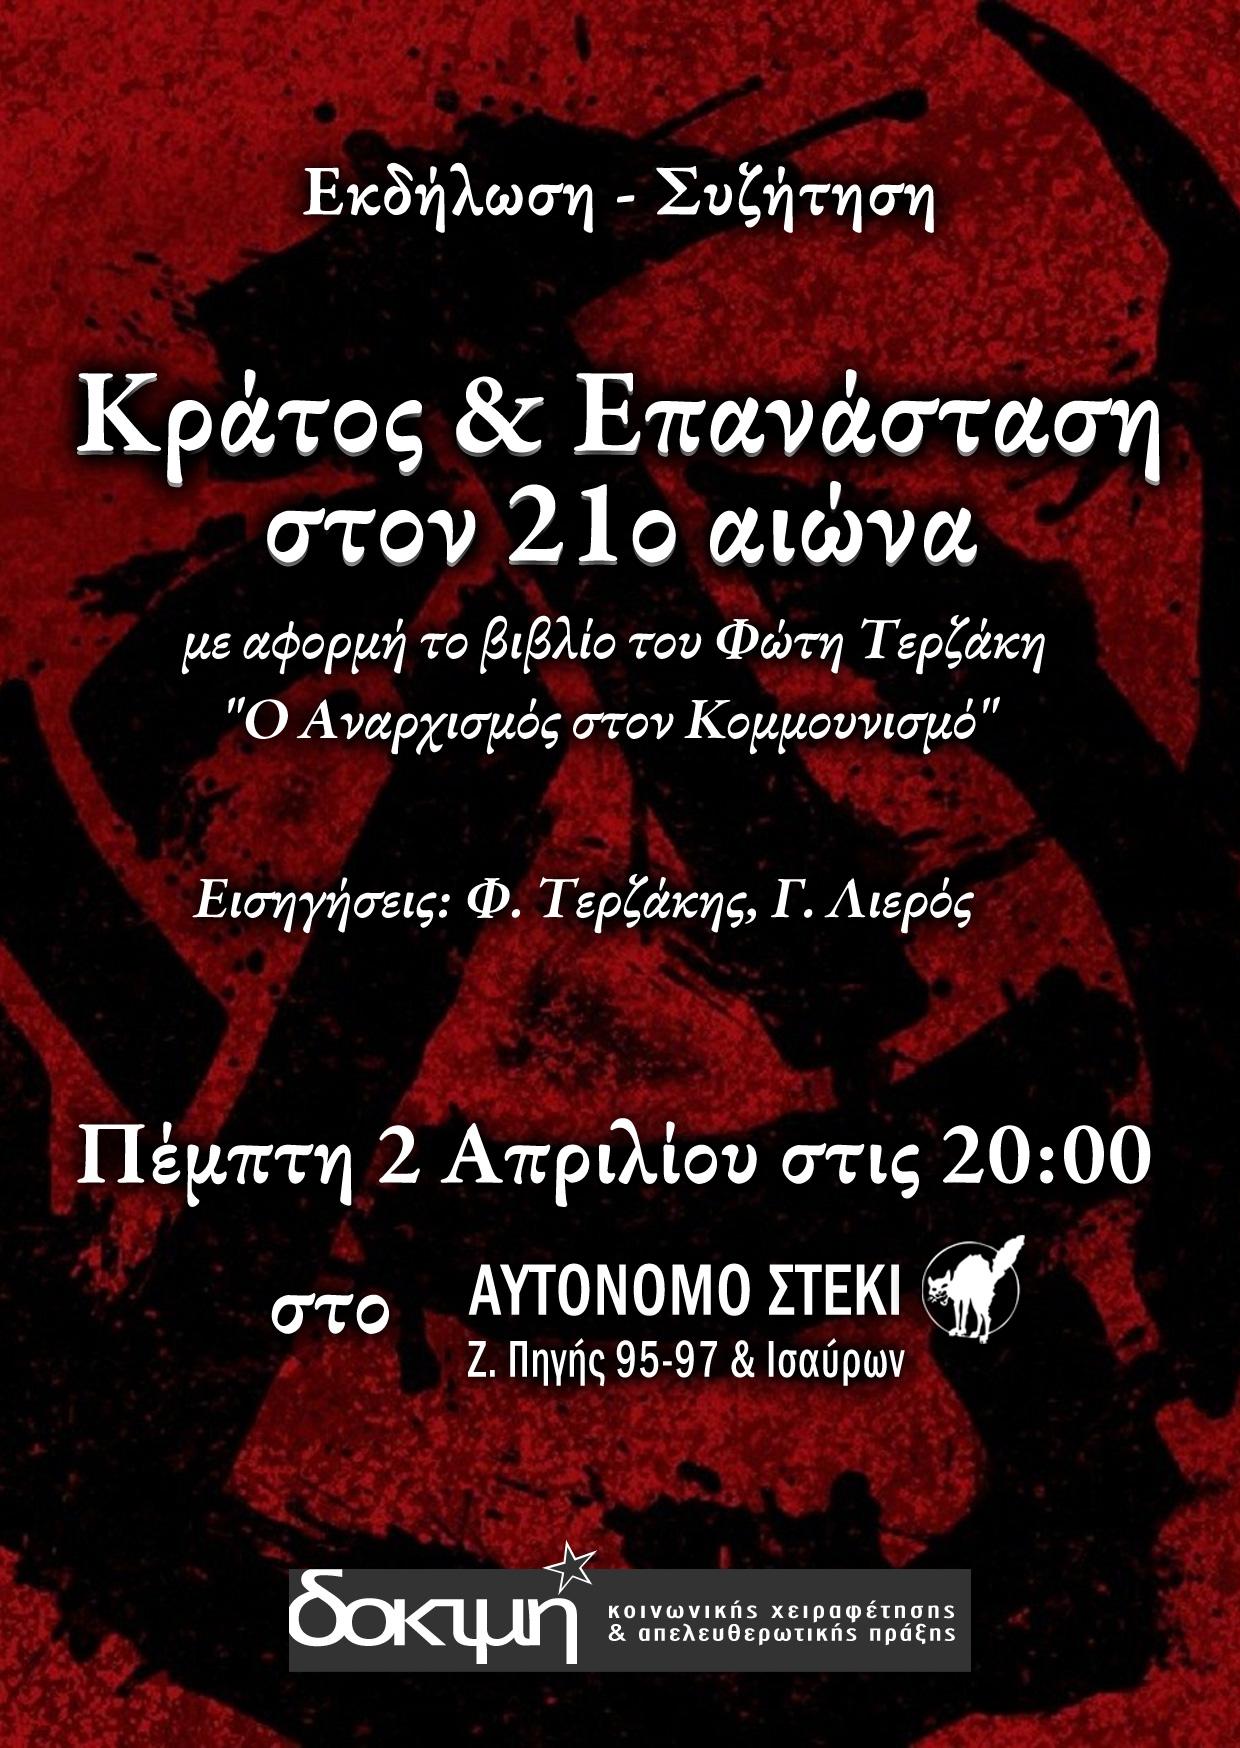 ekd_kratos&epanas